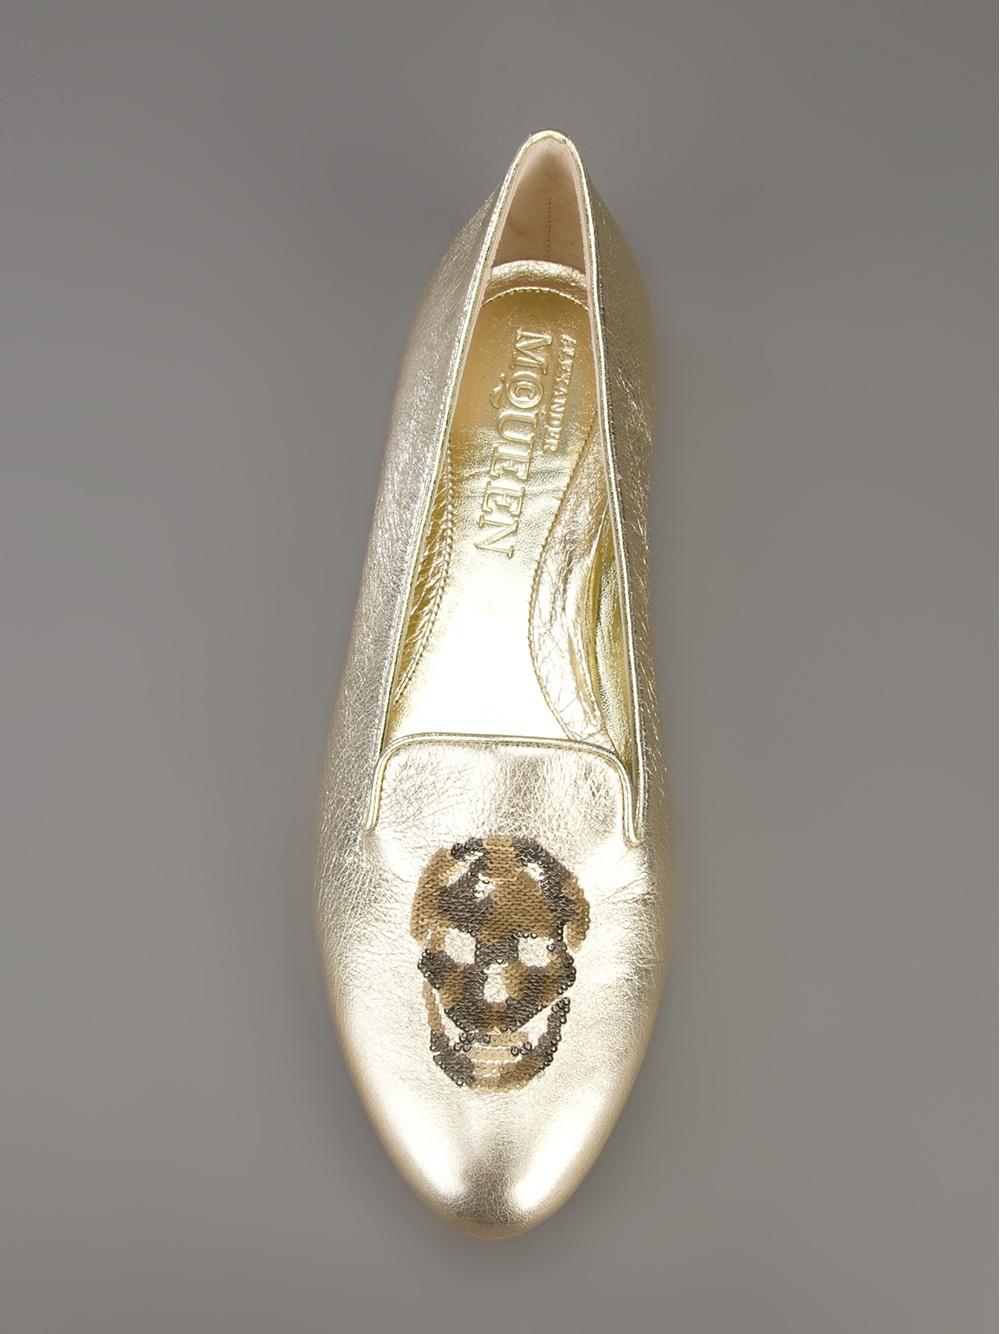 Alexander mcqueen Sequin Skull Slippers in Gold